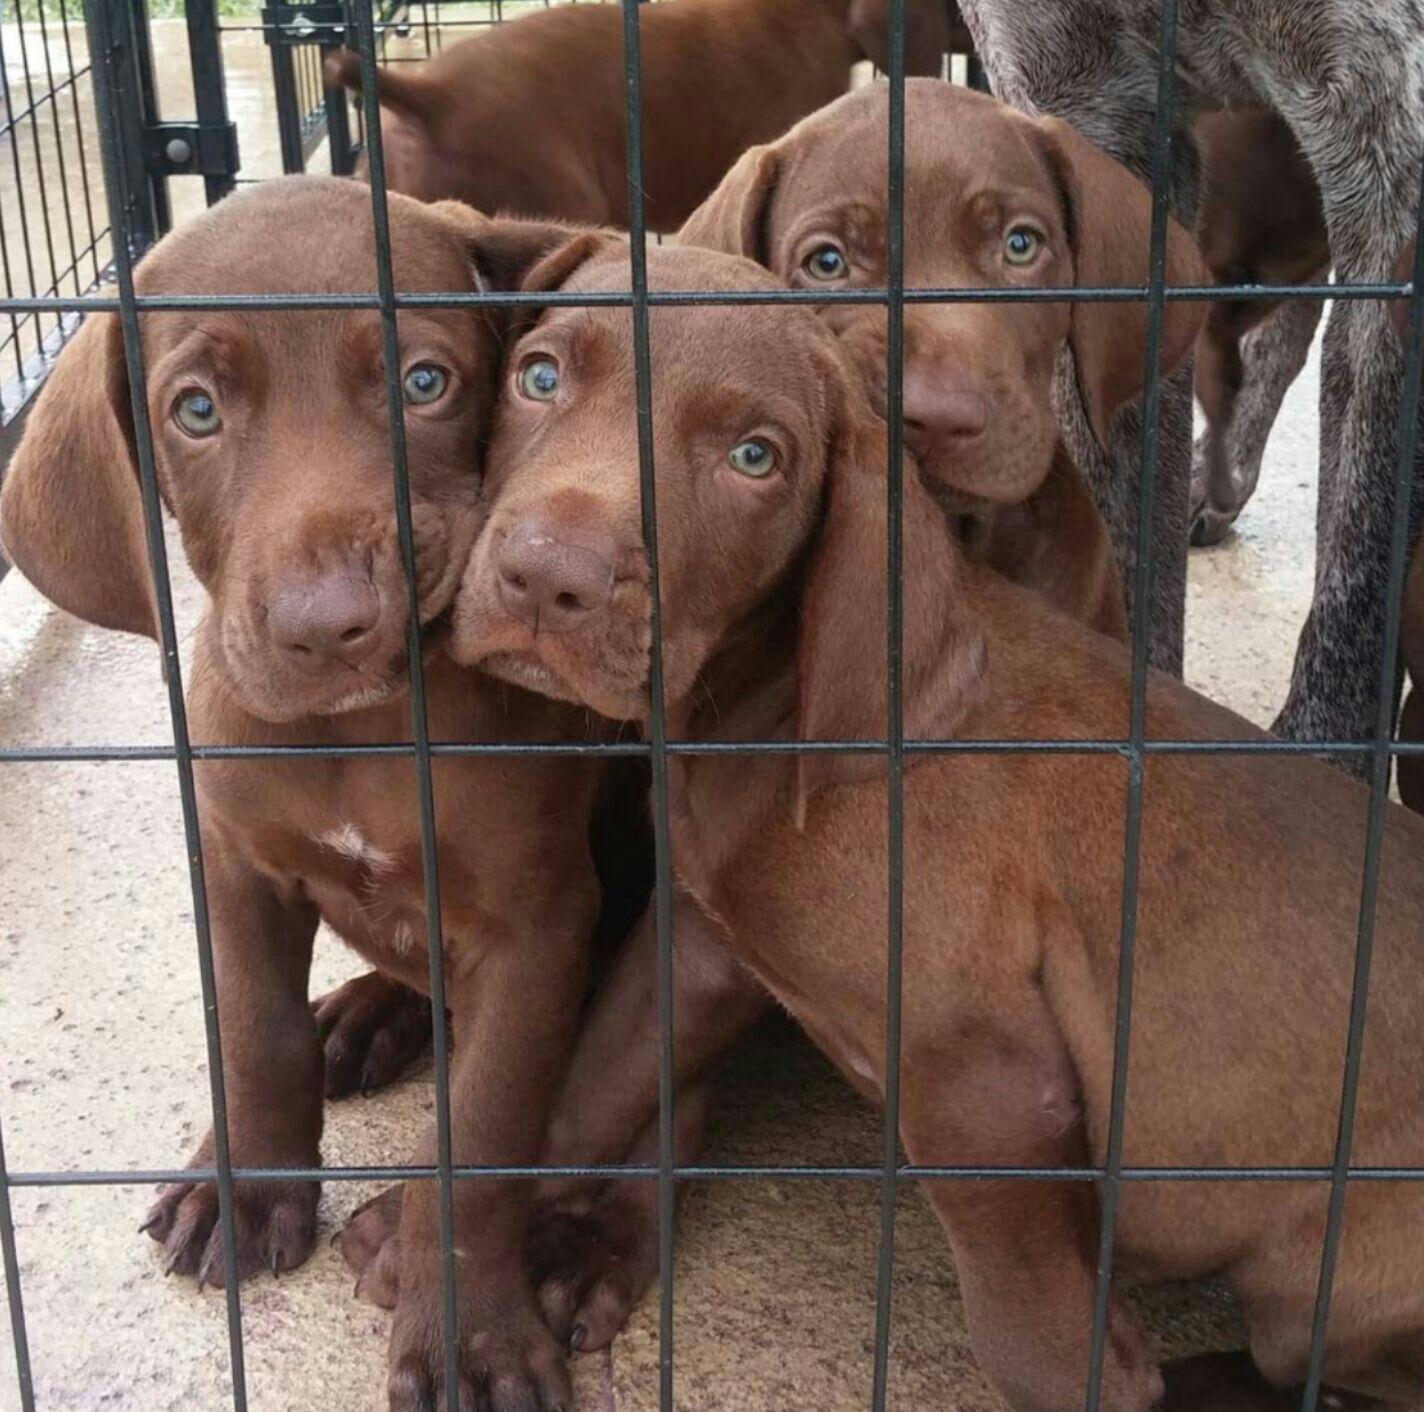 Pointeraner Weimaraner Gsp Hybrid Cross Mix Breed Puppies For